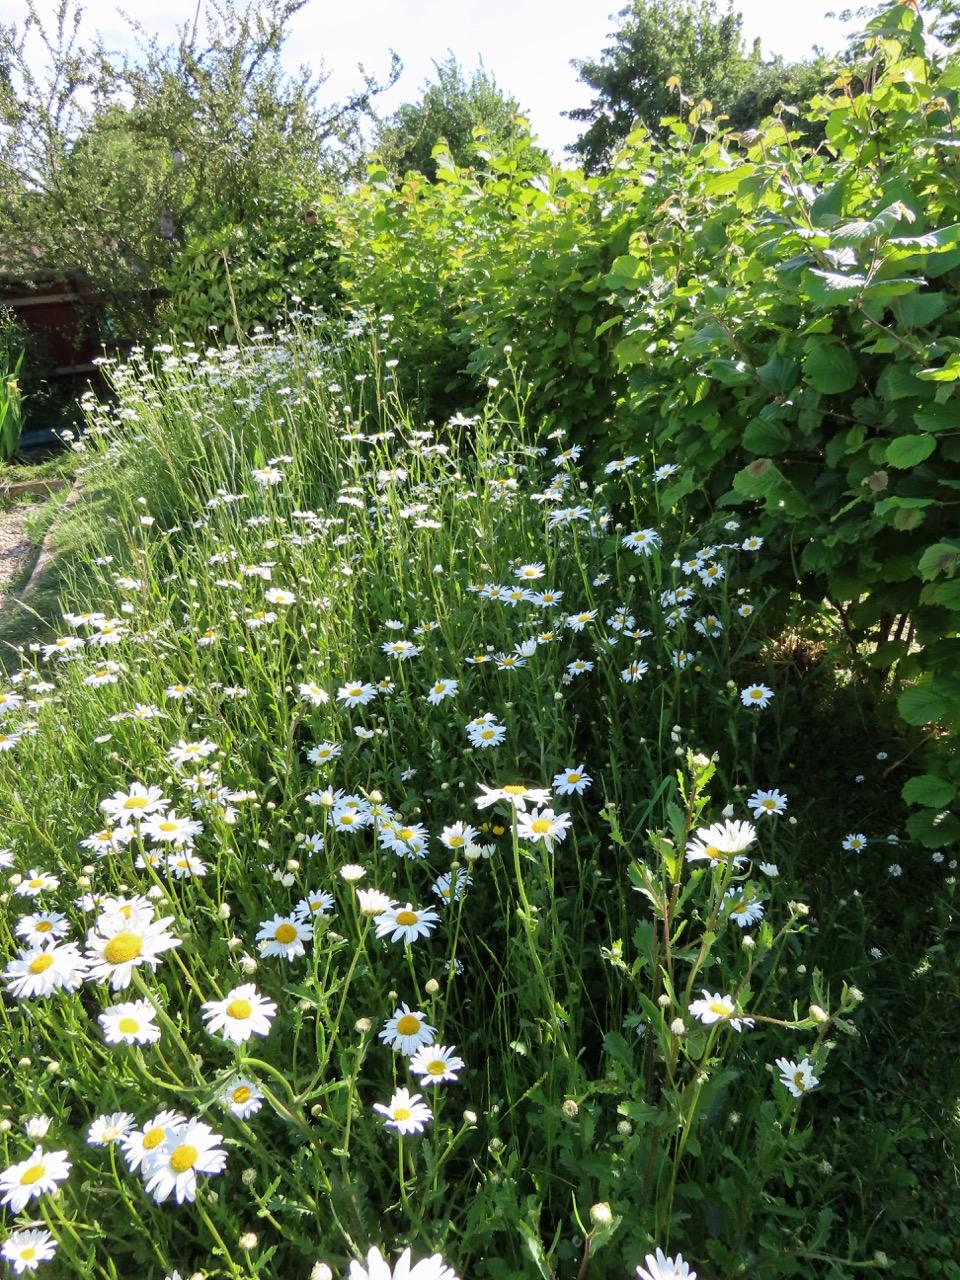 Oxeye daisies in garden